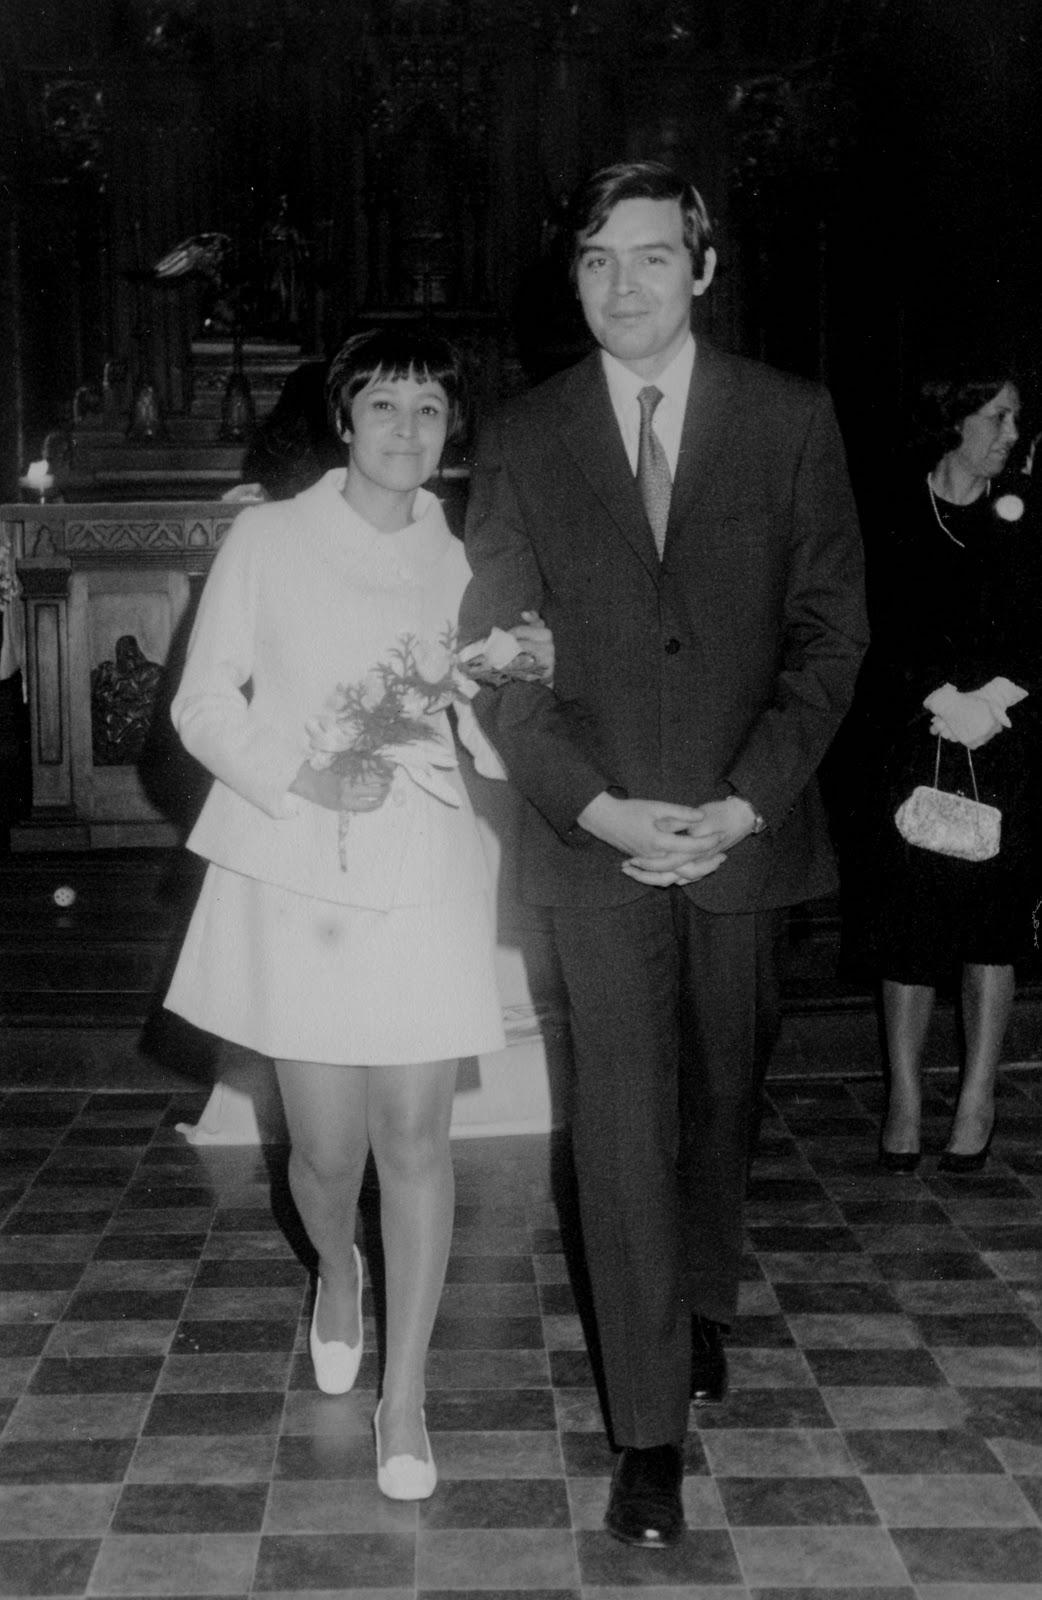 Matrimonio Catolico En Croacia : Mi biografía en busca de identidad septiembre